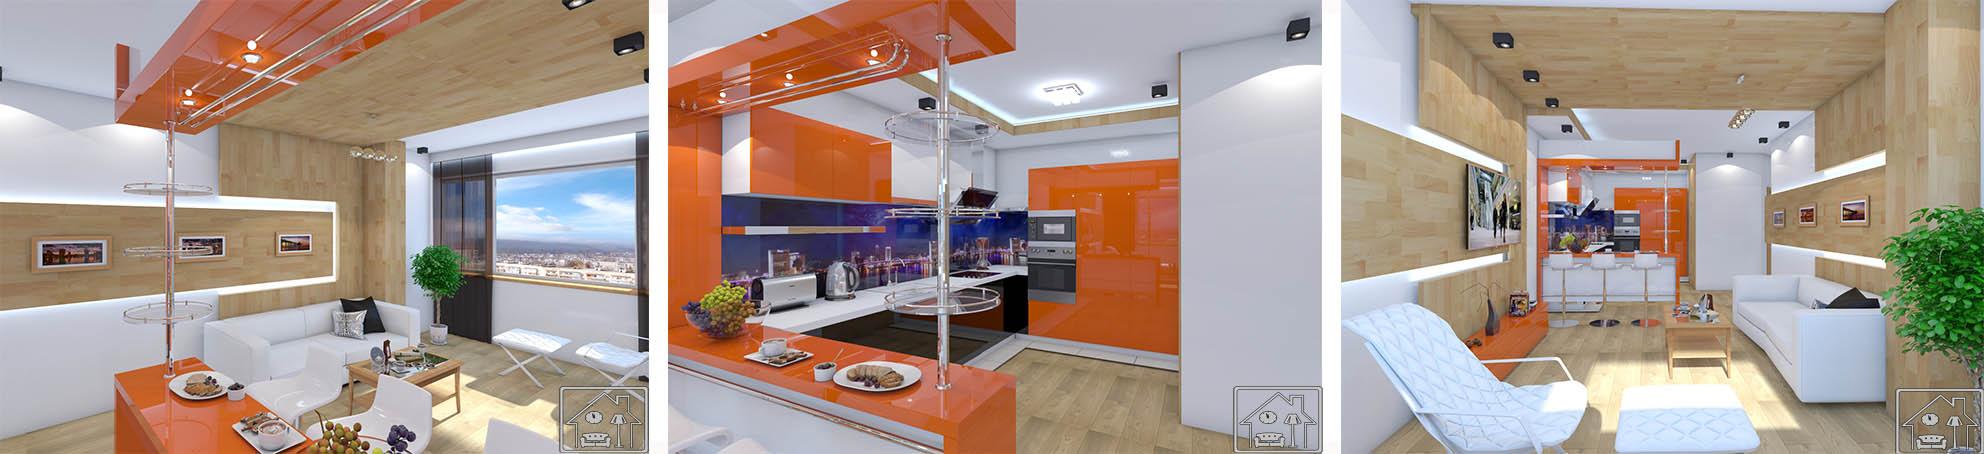 Гостиная в совр стиле Оранж